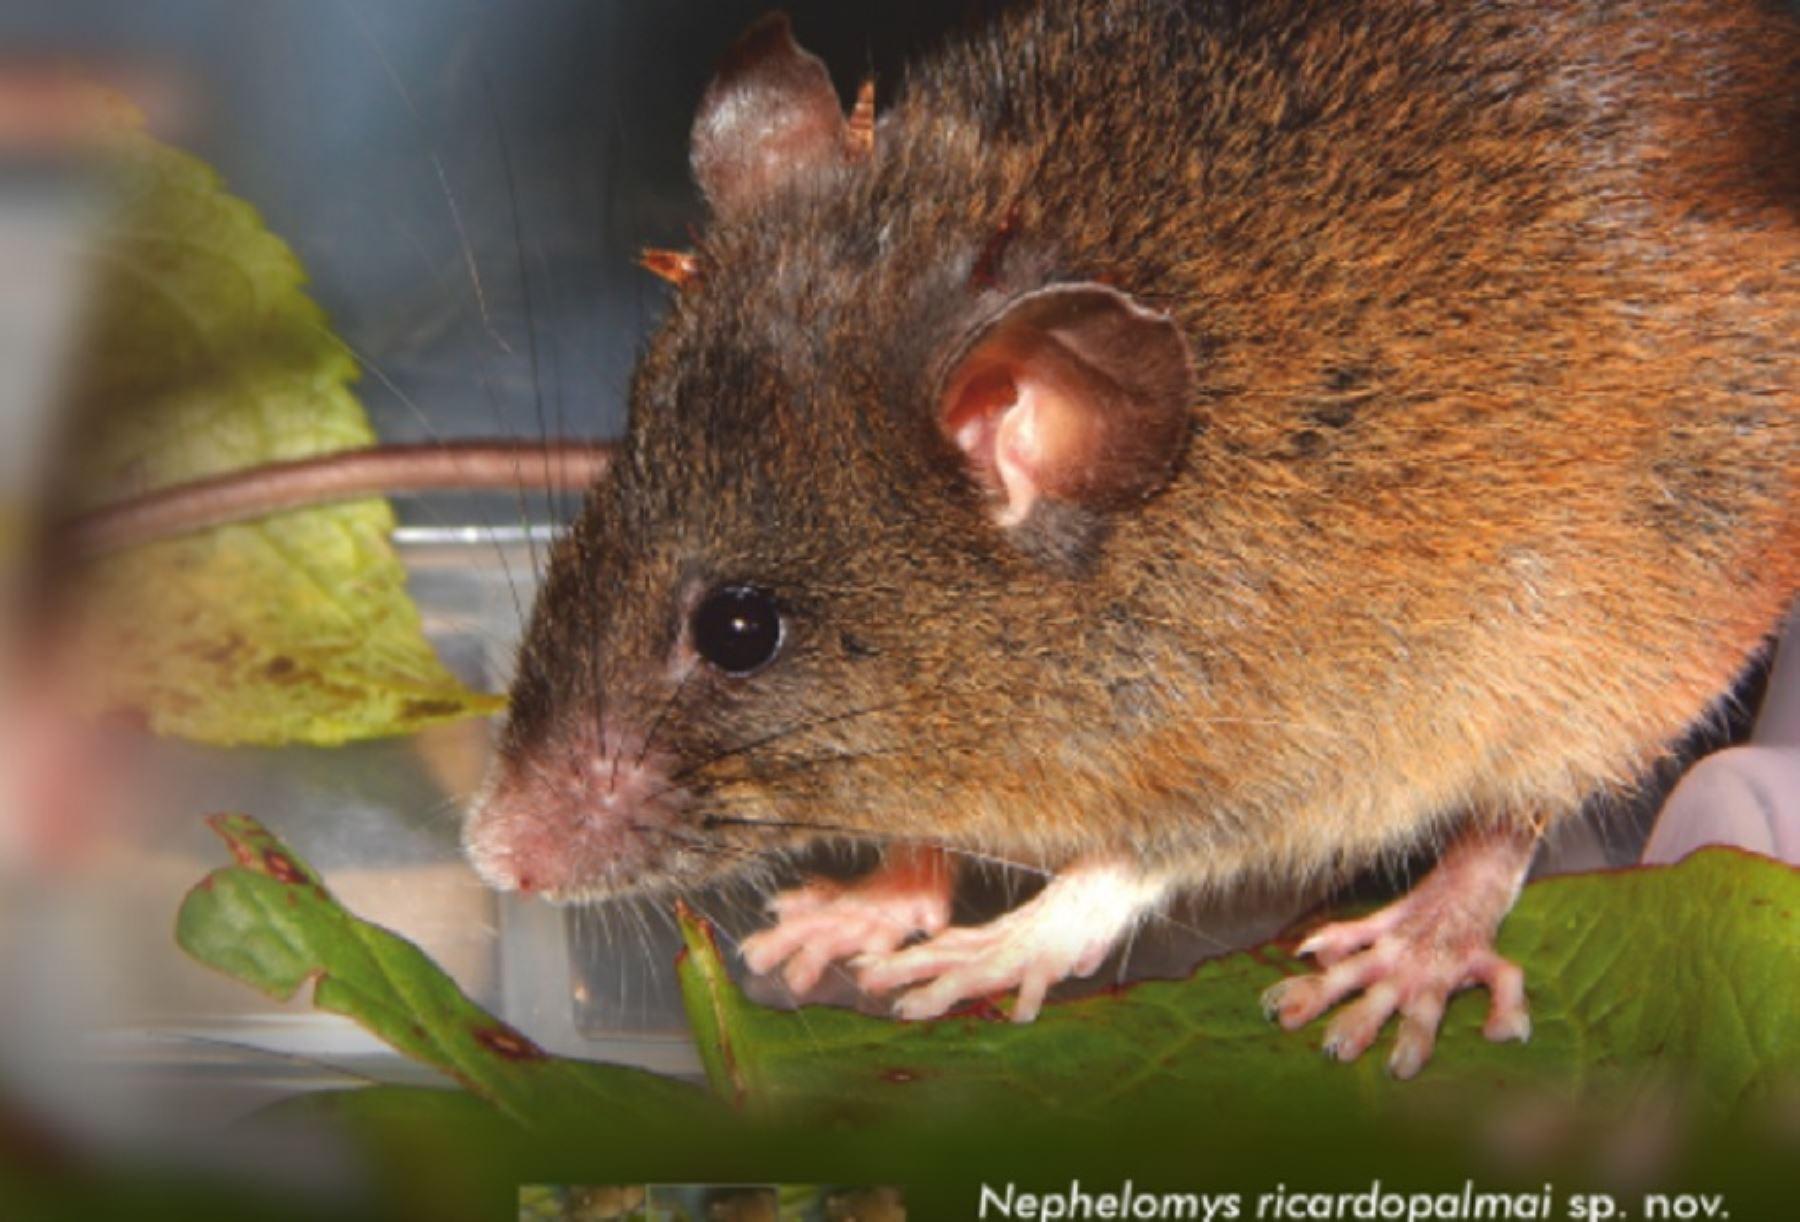 Biólogos peruanos descubren dos nuevas especies de roedores en Amazonas y Piura